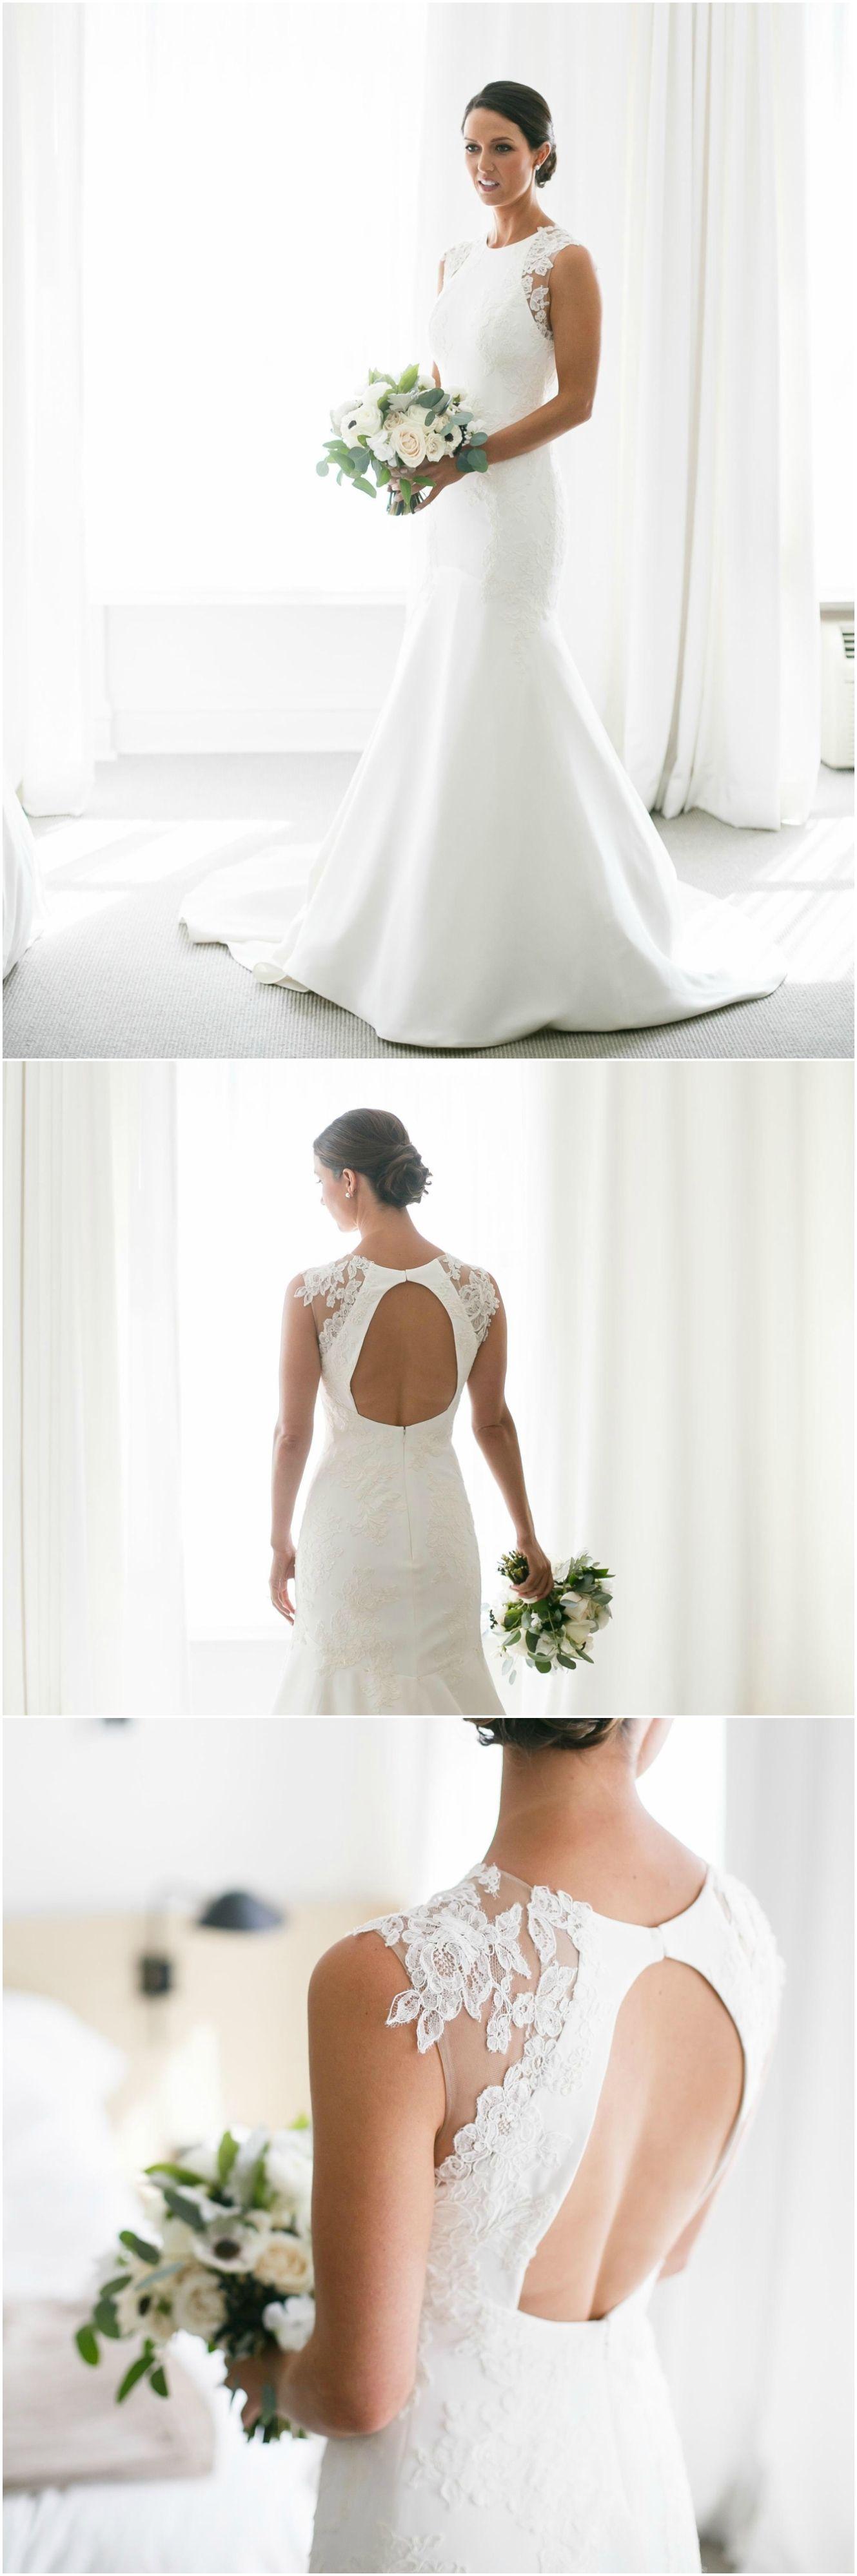 Satin wedding dress, white, keyhole back, lace cap sleeve, classic ...